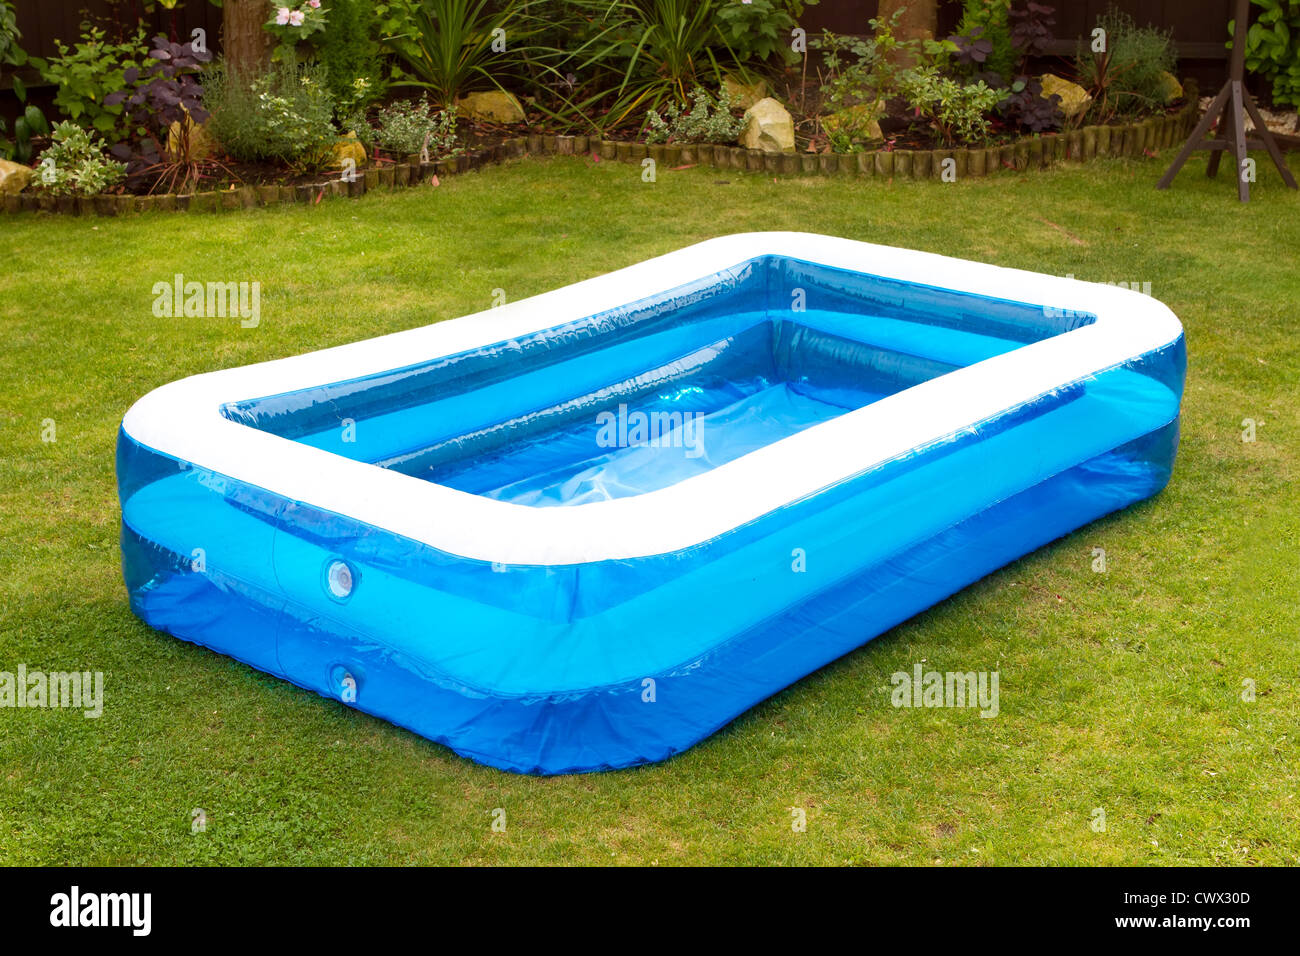 ein aufblasbarer Swimmingpool in einem englischen Garten Stockfoto ...